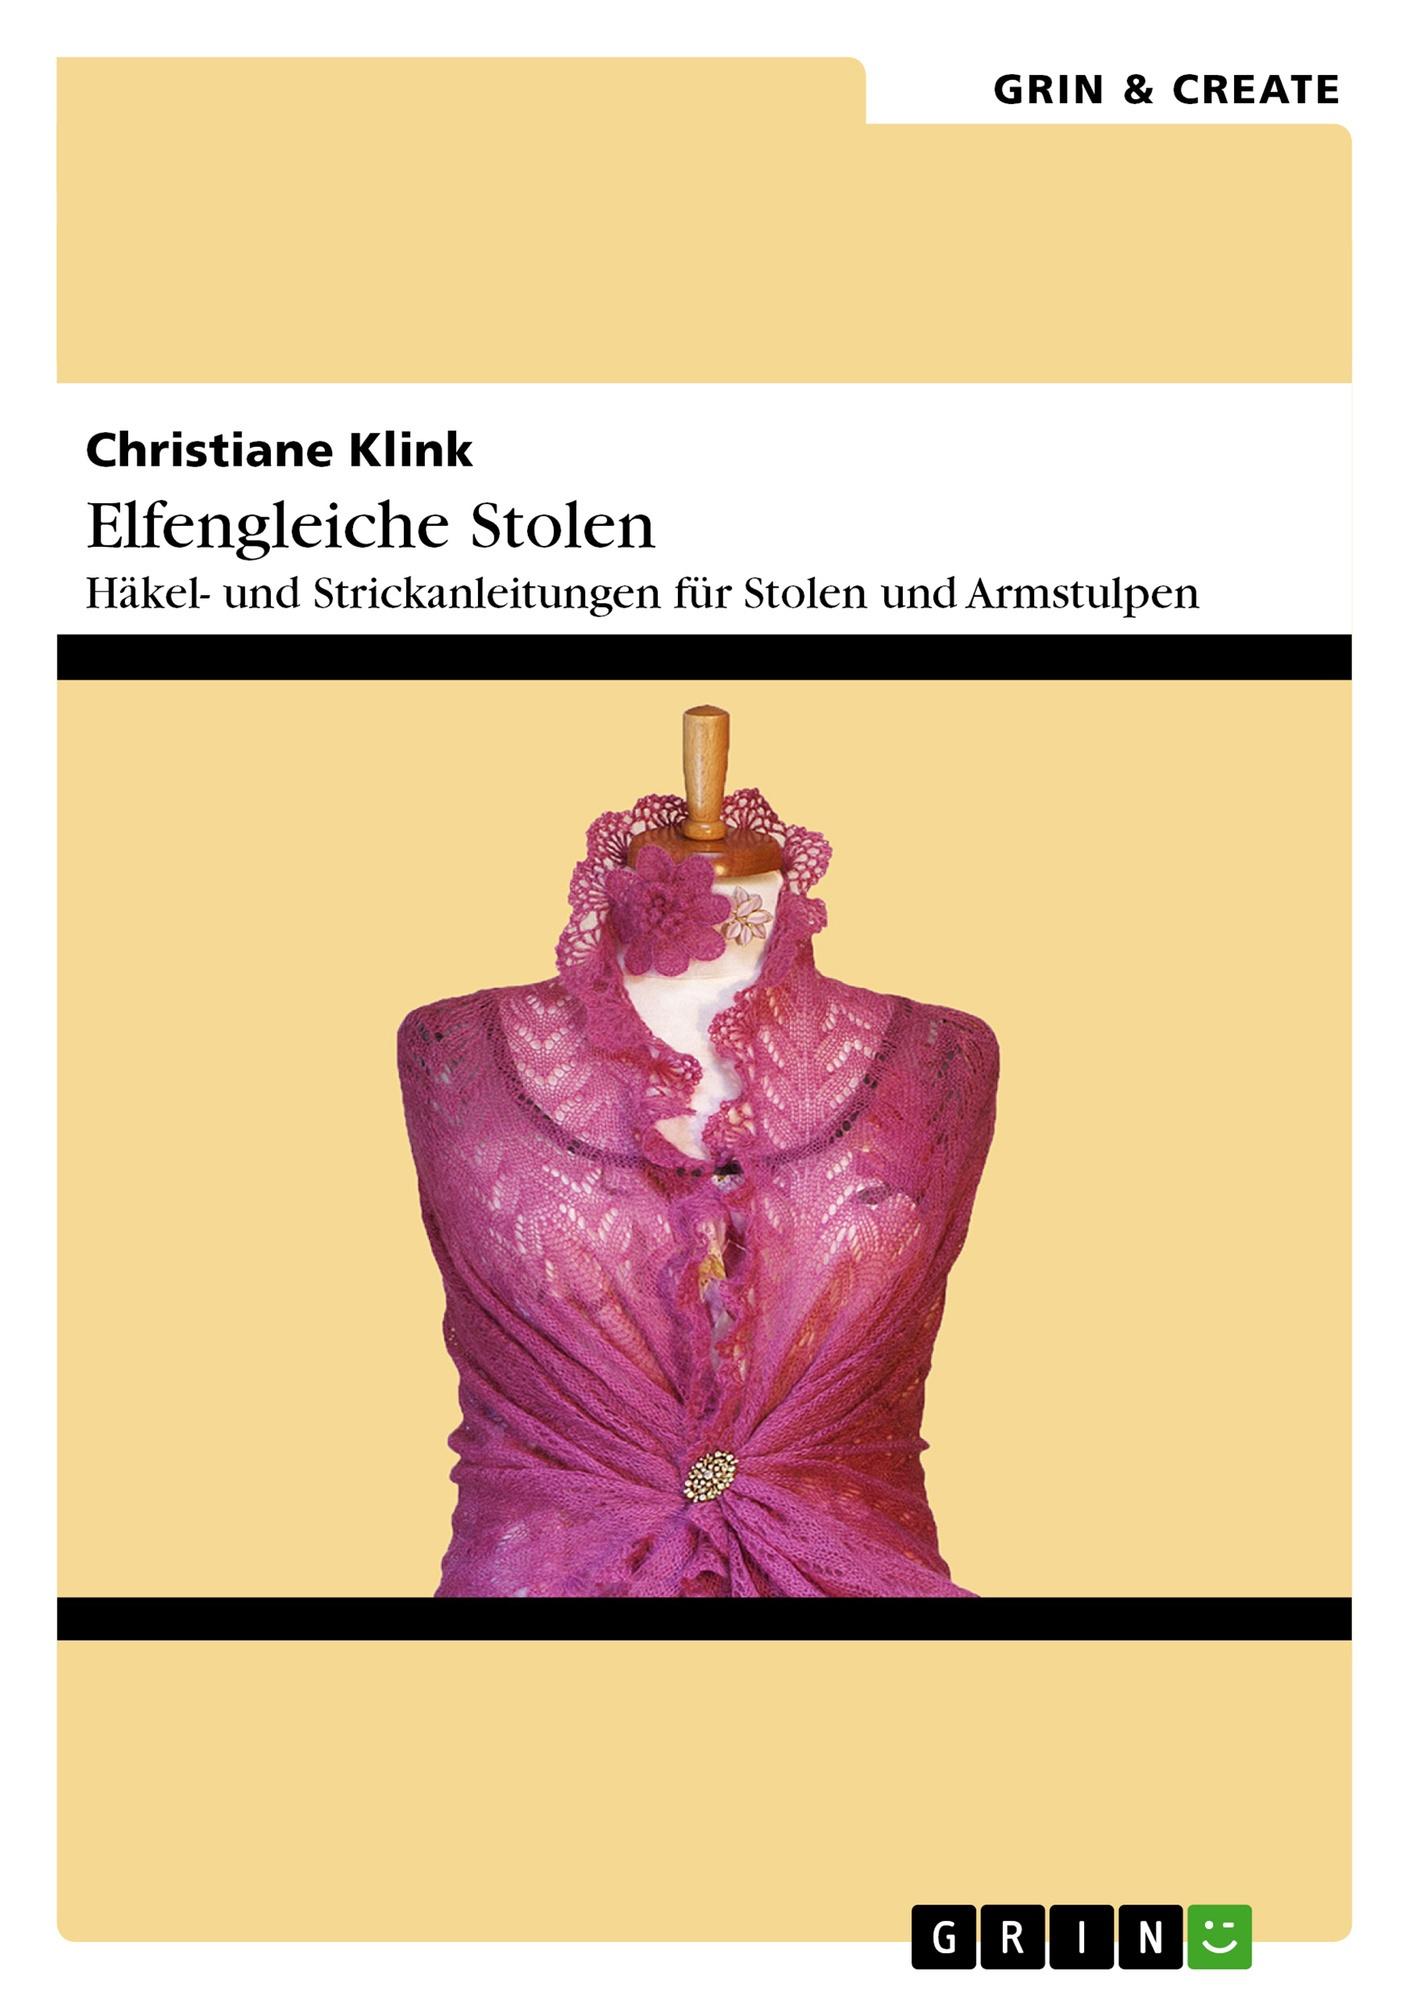 Titel: Elfengleiche Stolen. Häkel- und Strickanleitungen für Stolen und Armstulpen